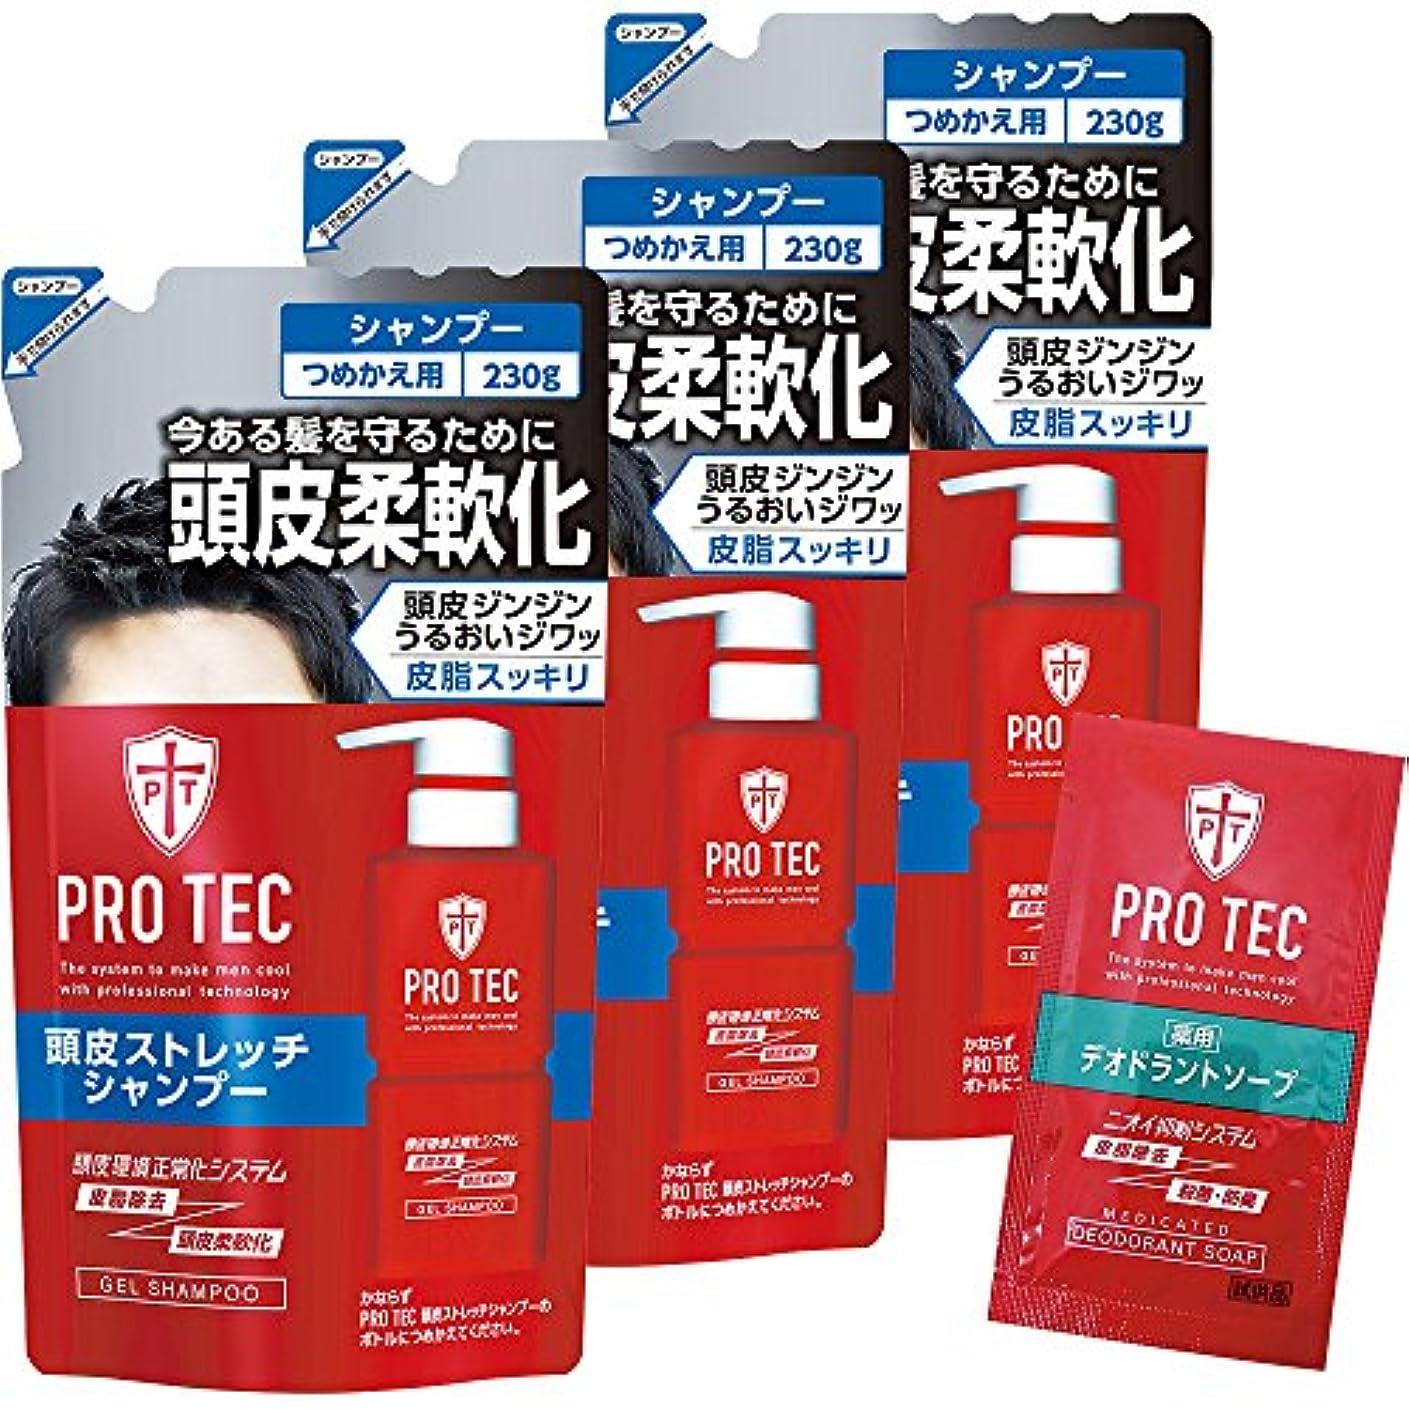 福祉申し立てられた眩惑する【Amazon.co.jp限定】PRO TEC(プロテク) 頭皮ストレッチ シャンプー 詰め替え 230g×3個パック+デオドラントソープ1回分付(医薬部外品)